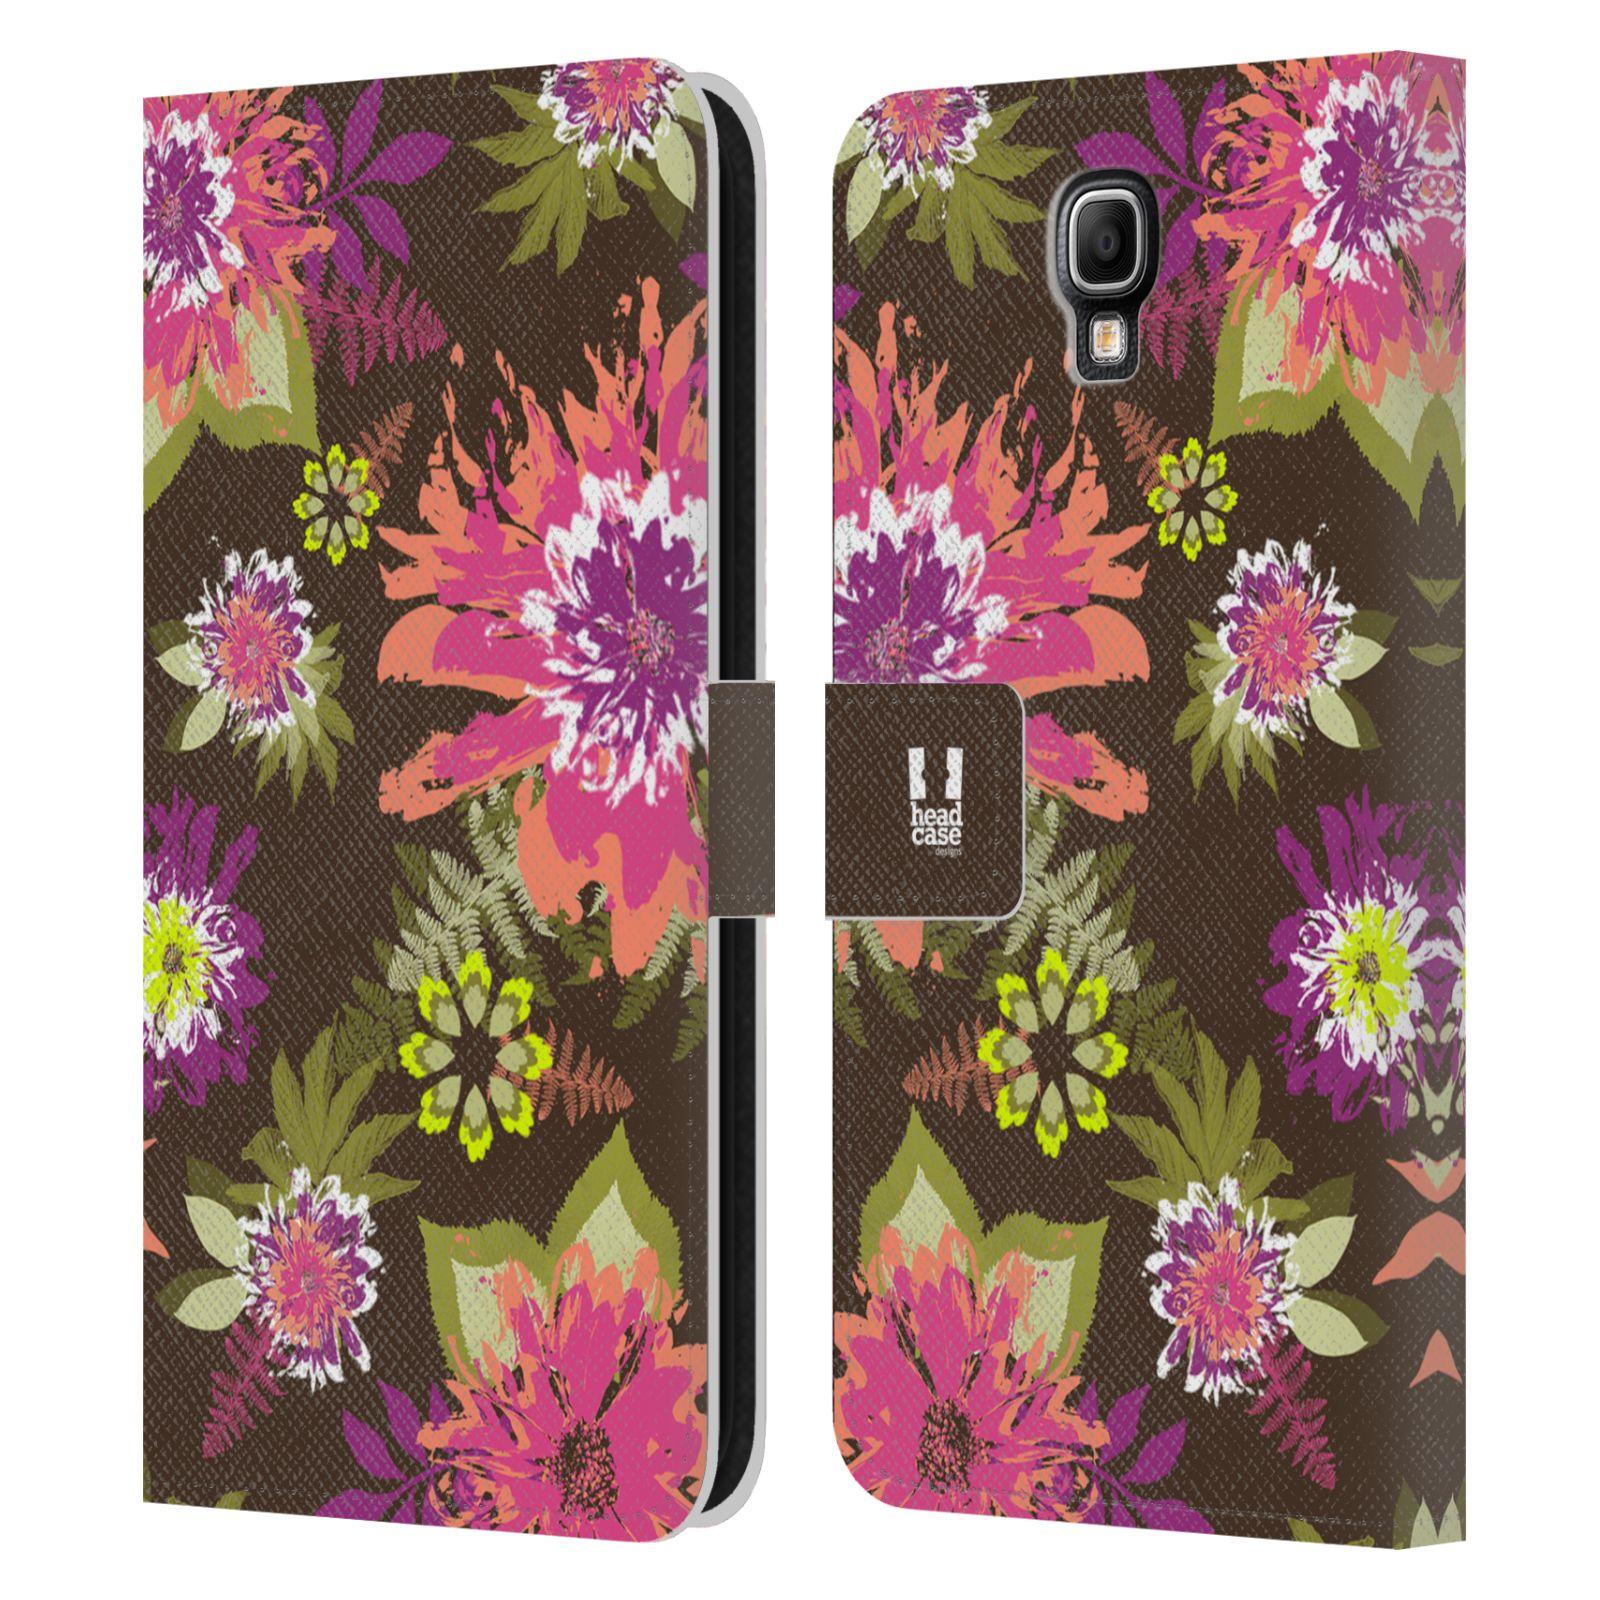 HEAD CASE Flipové pouzdro pro mobil Samsung Galaxy Note 3 NEO (N7505) BOTANIKA barevné květy zelená